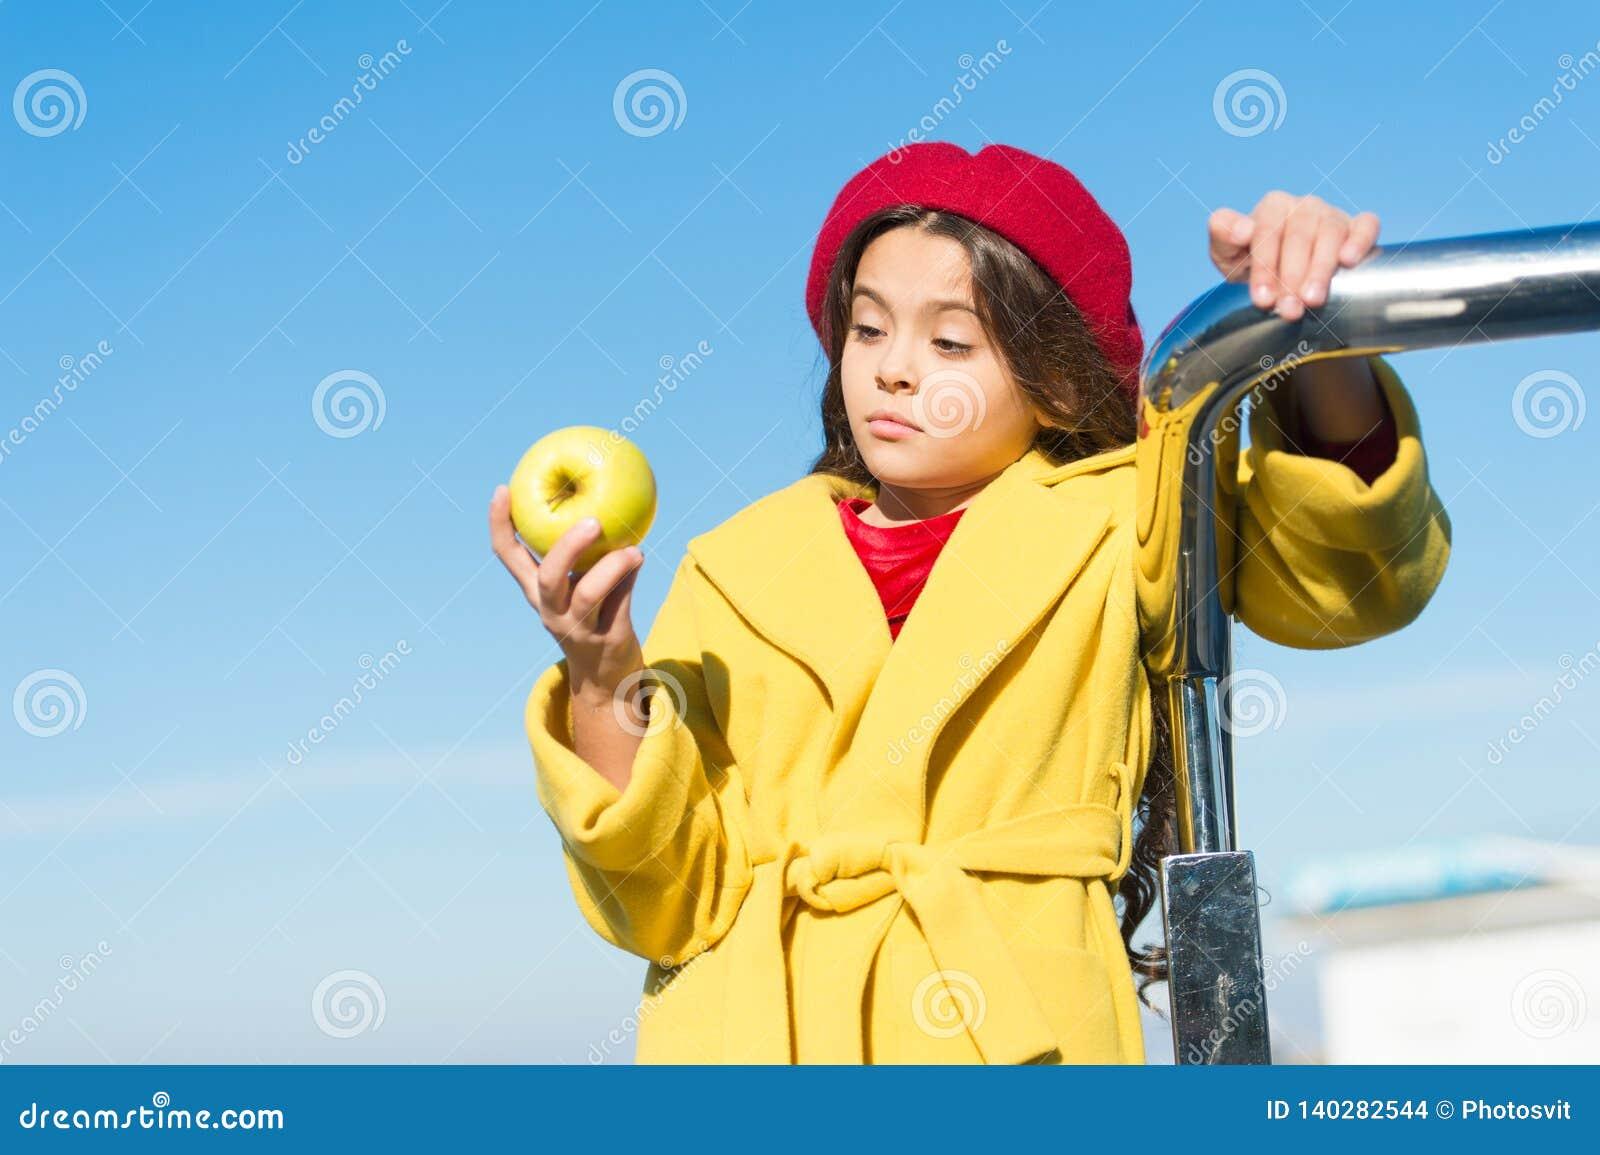 Прогулка промежутка времени закуски Здоровье и питание детей Здоровые snacking преимущества Закуска между обедом и обедающим Имет